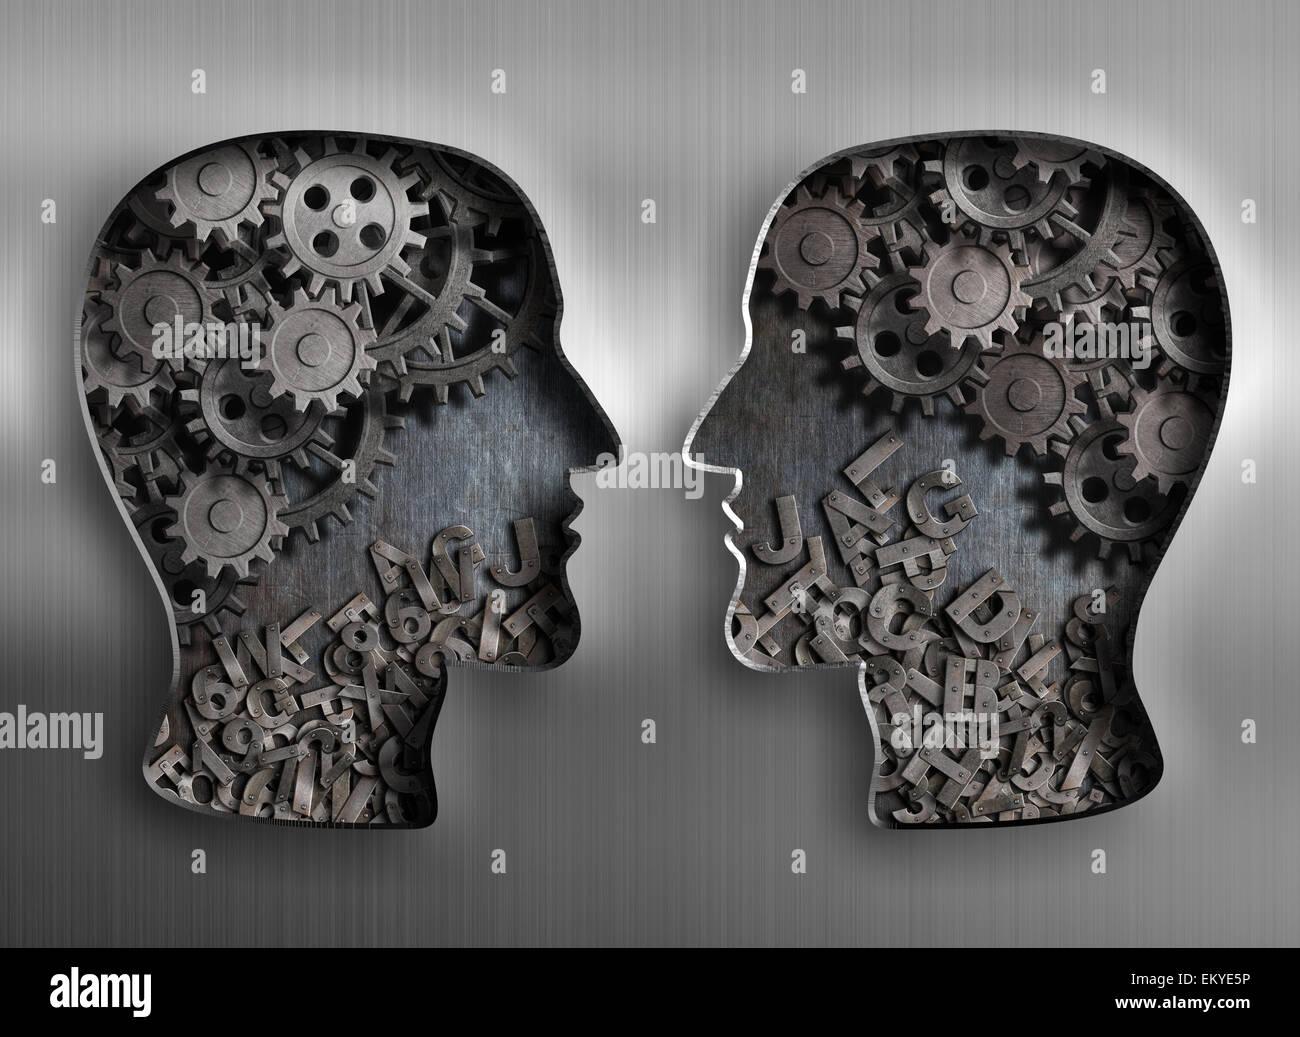 Konzept der Kommunikation, Dialog, Informationen und Wissensaustausch Stockbild